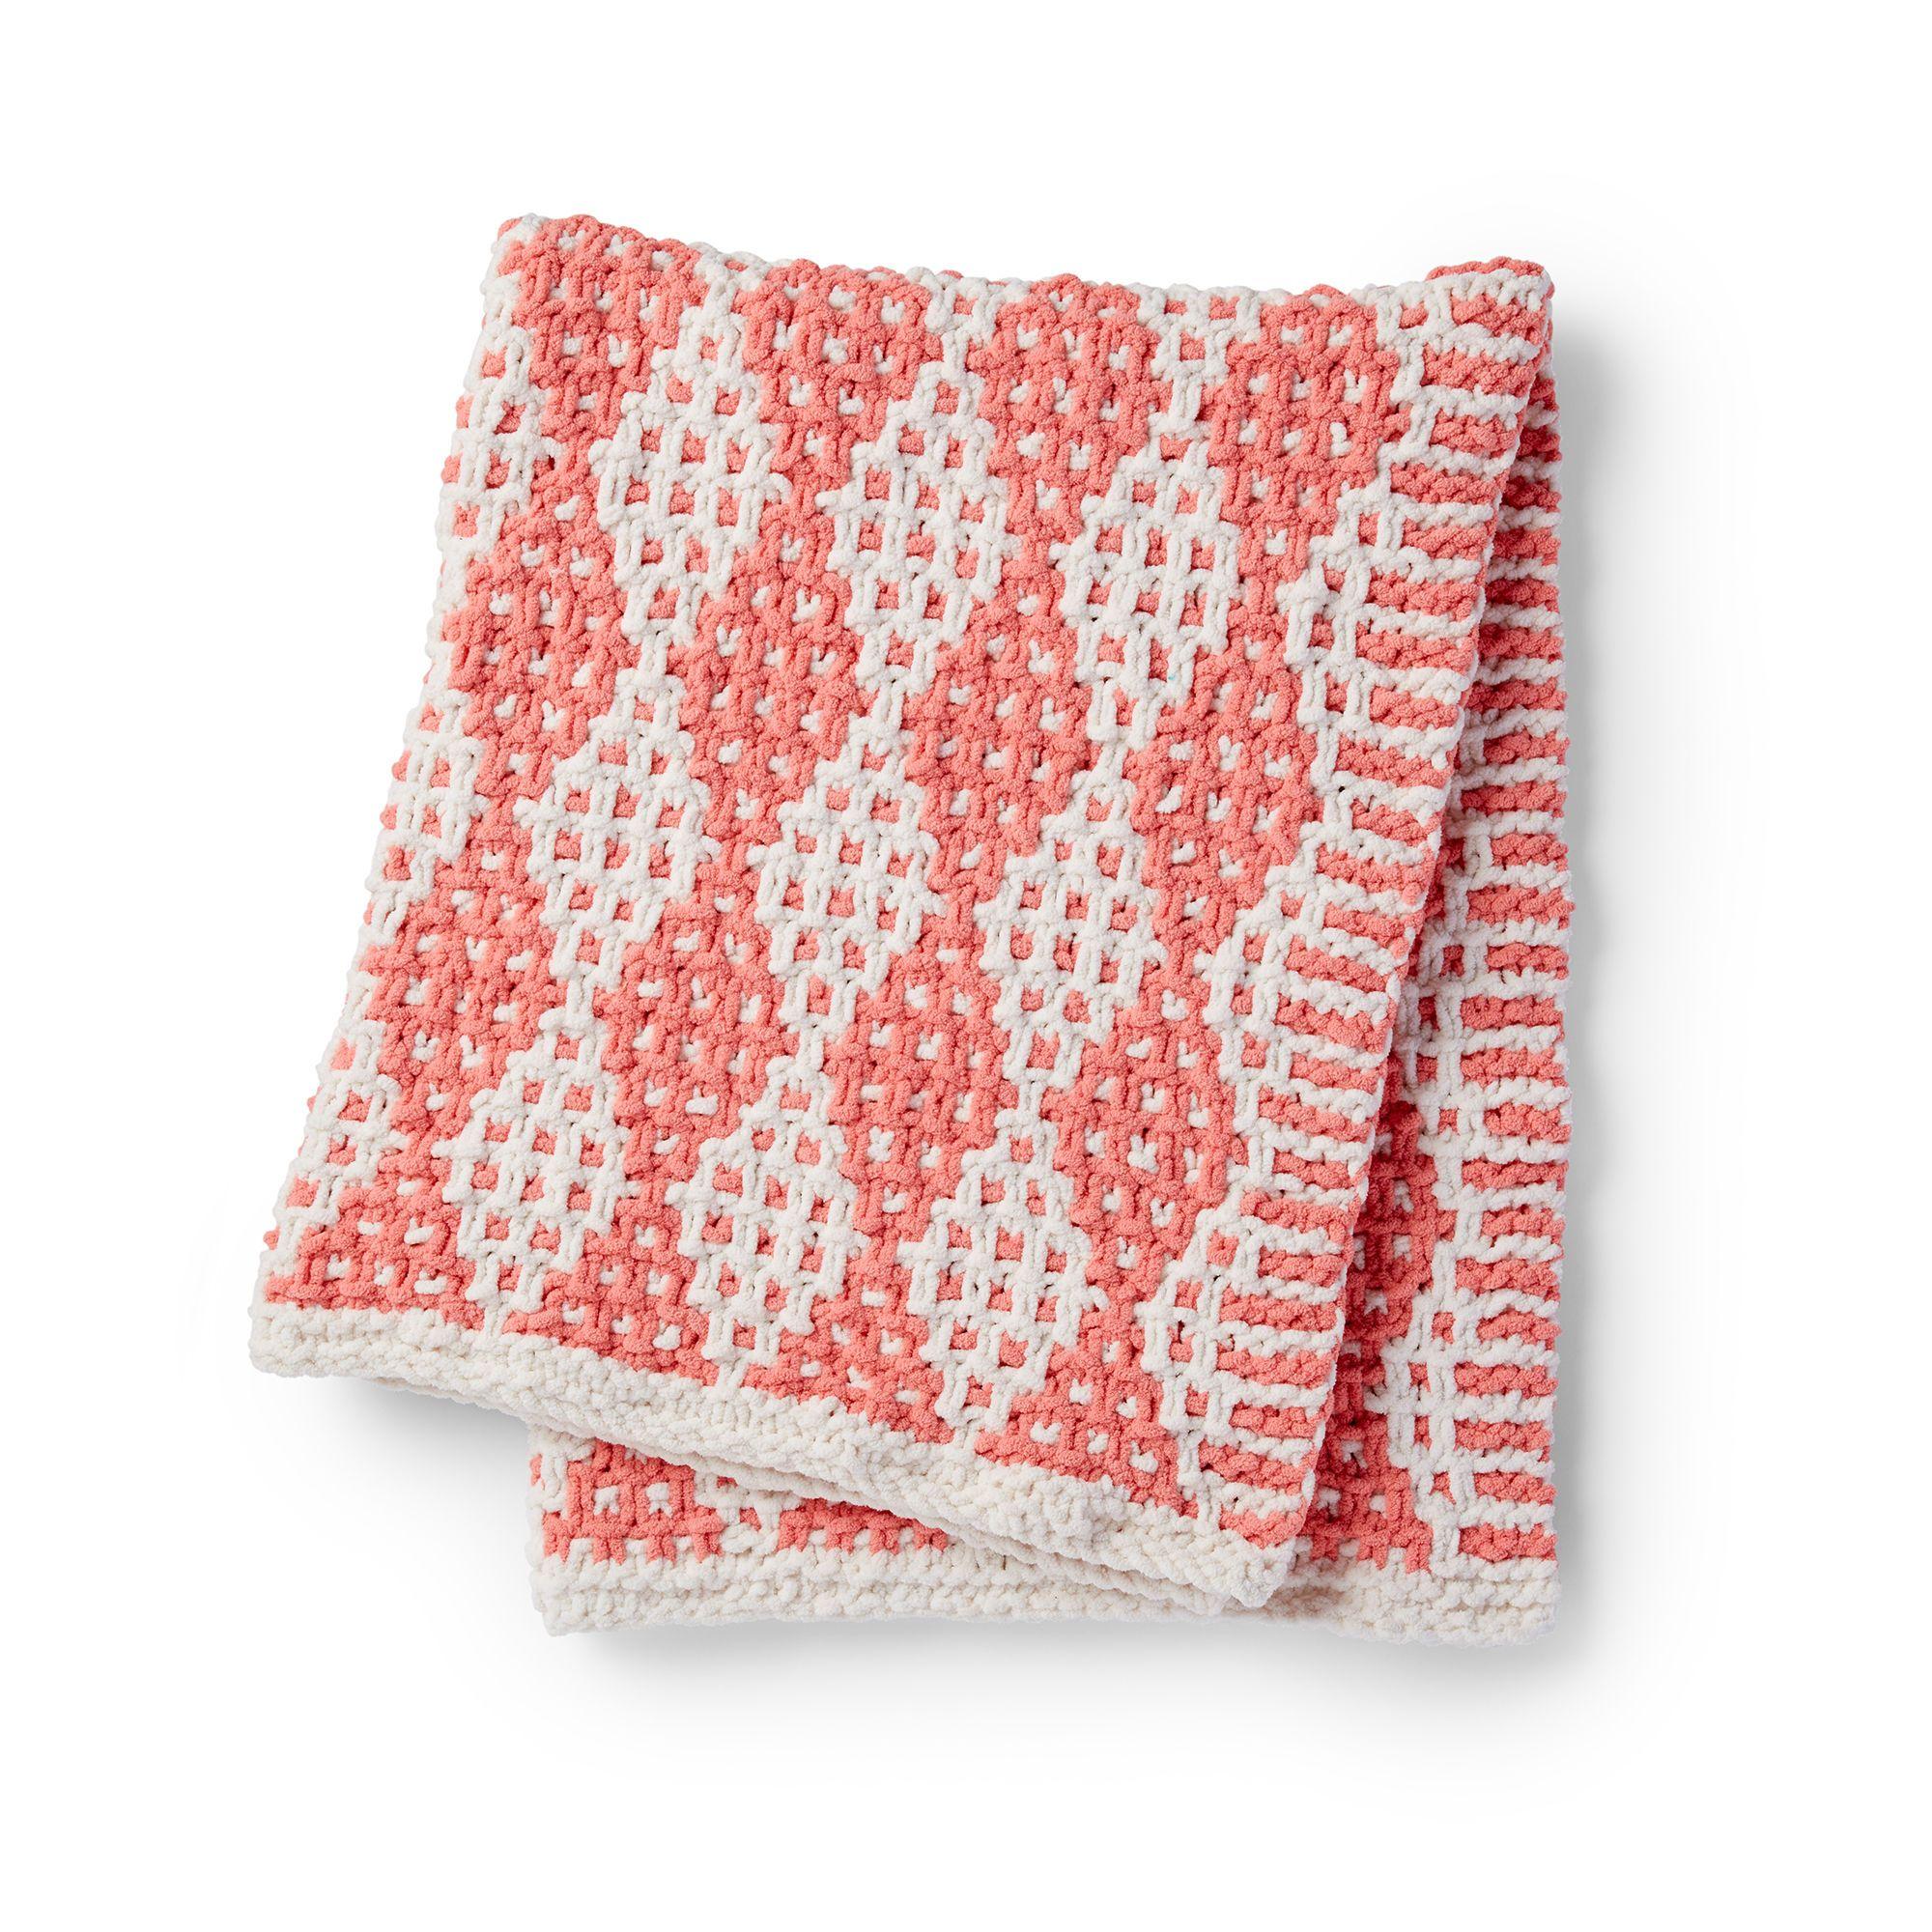 Bernat Mosaic Stitch Knit Blanket Pattern | Yarnspirations ...